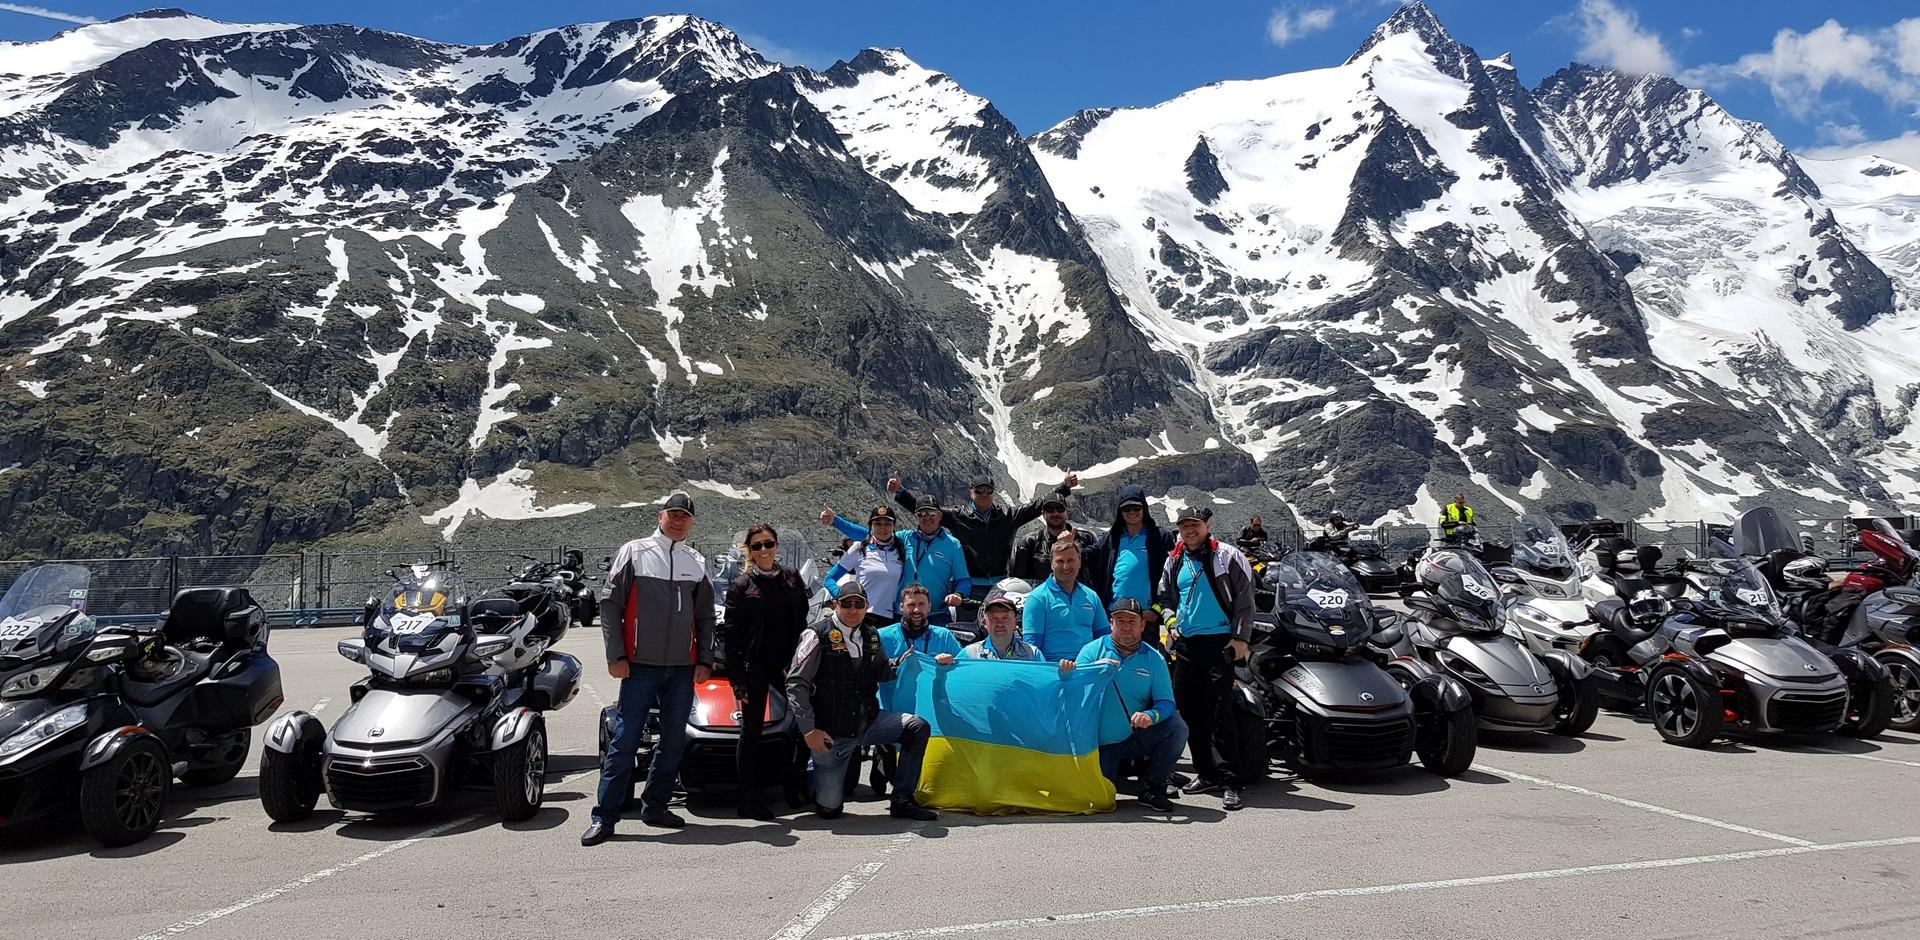 Внимание! Началась регистрация на ежегодное мероприятие «Can-Am Spyder Grossglockner Challenge» 2018, которое пройдет 7-10 июня 2018 года в Австрии!